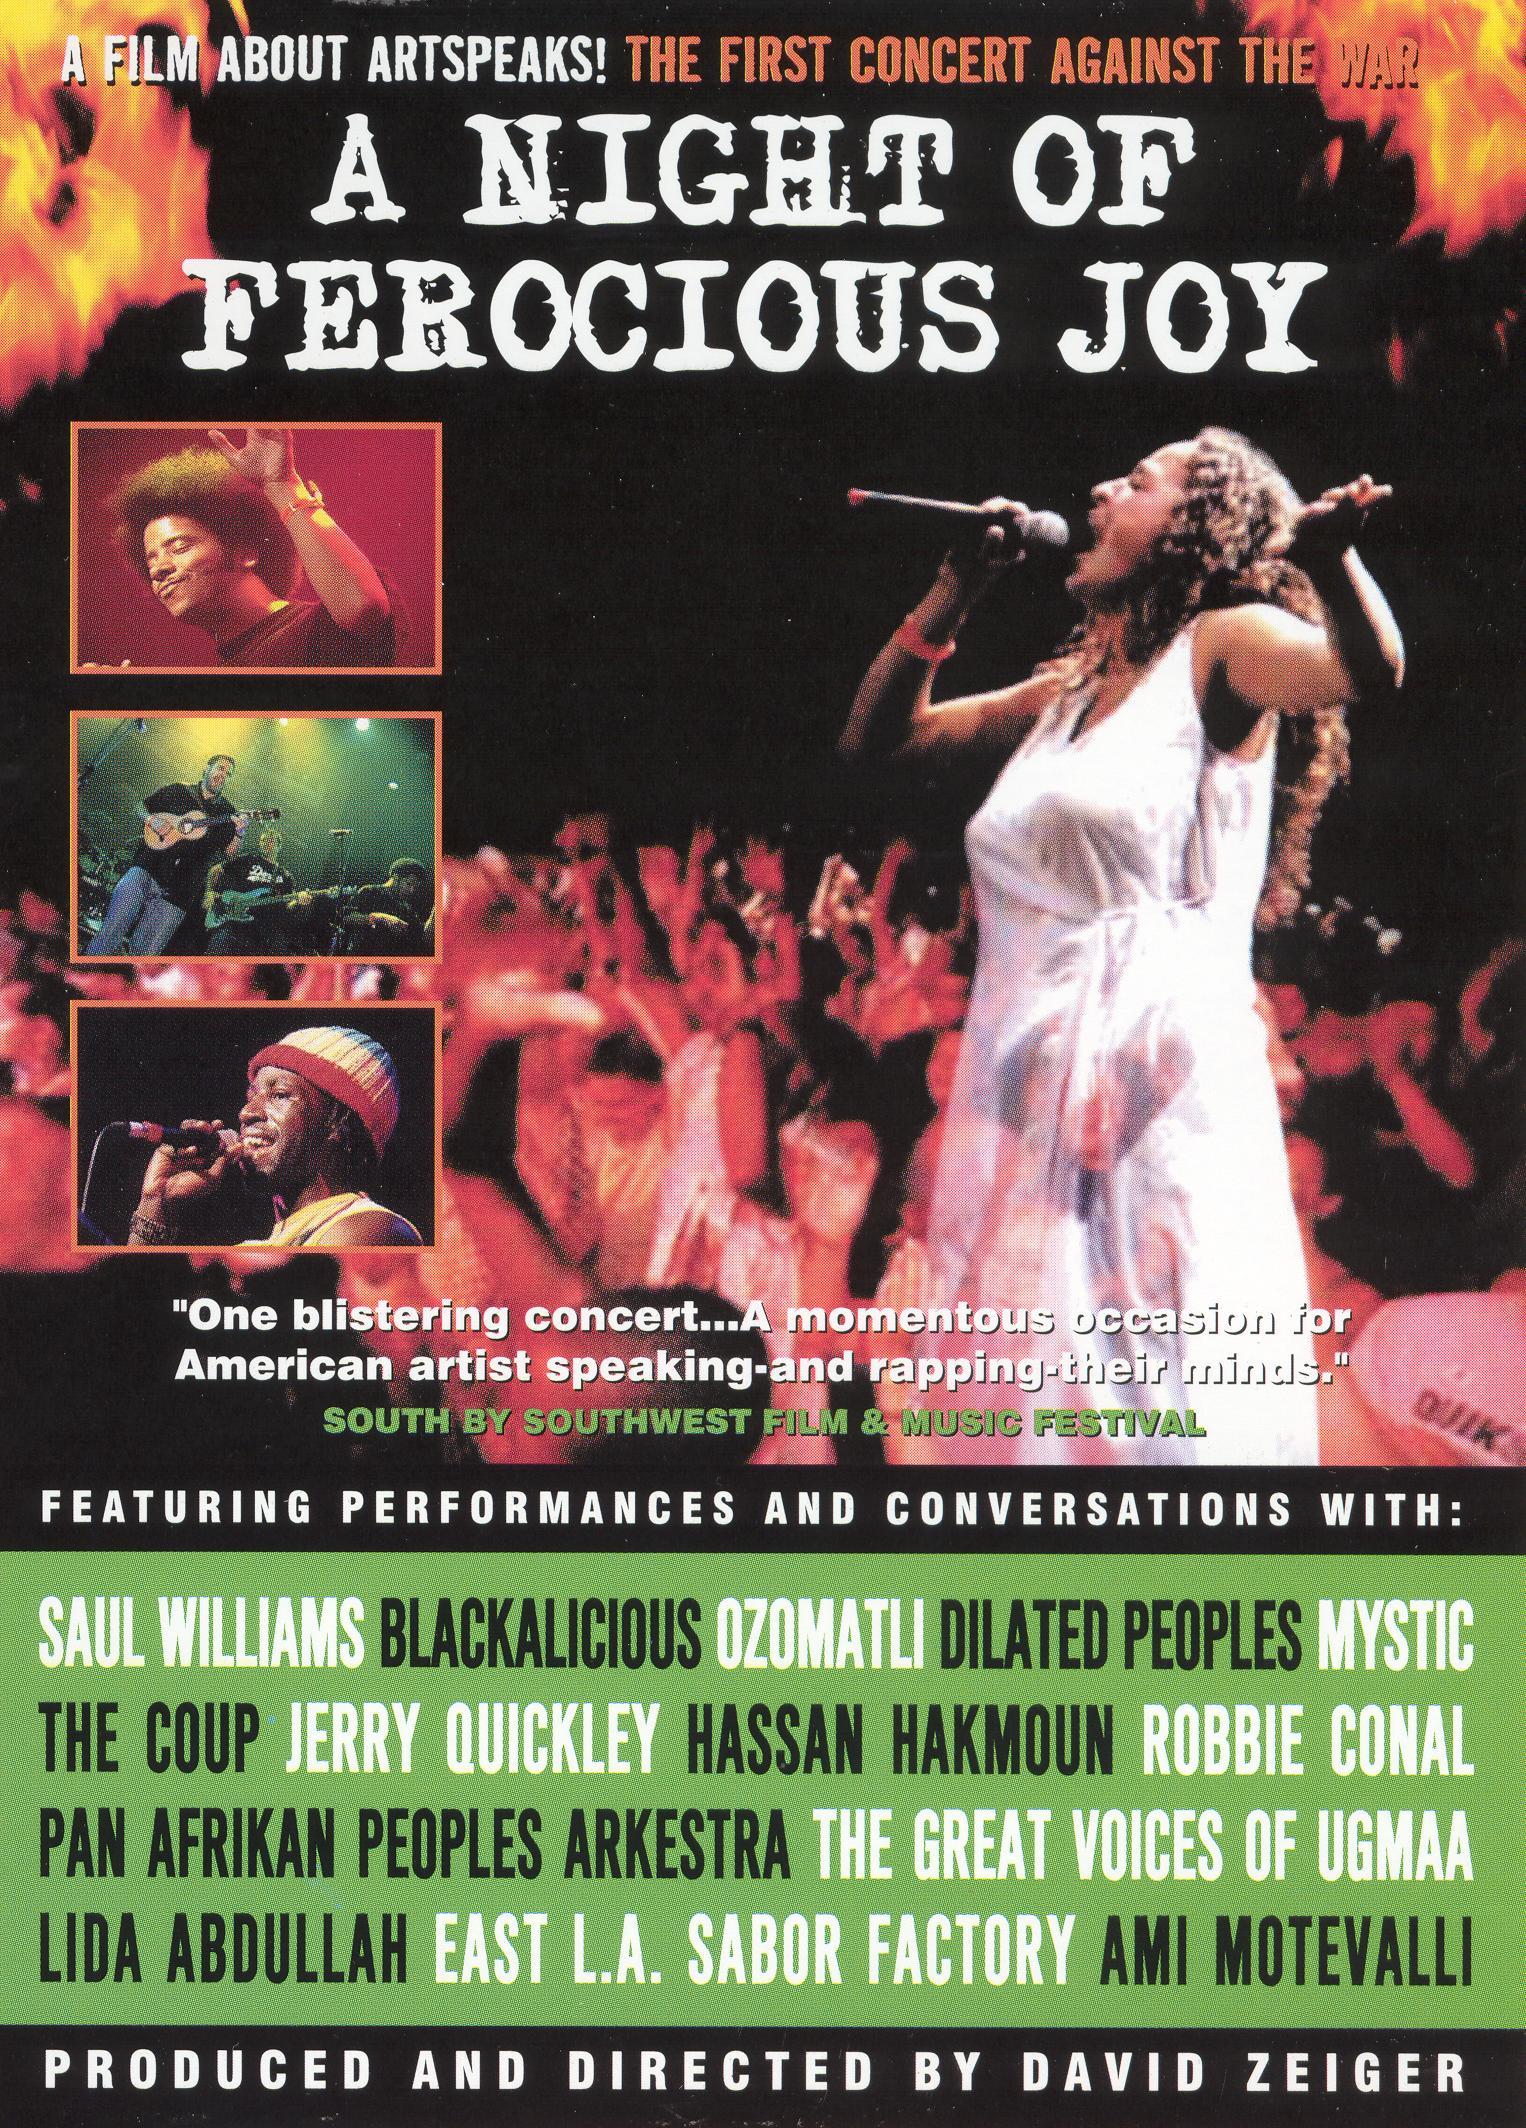 A Night of Ferocious Joy